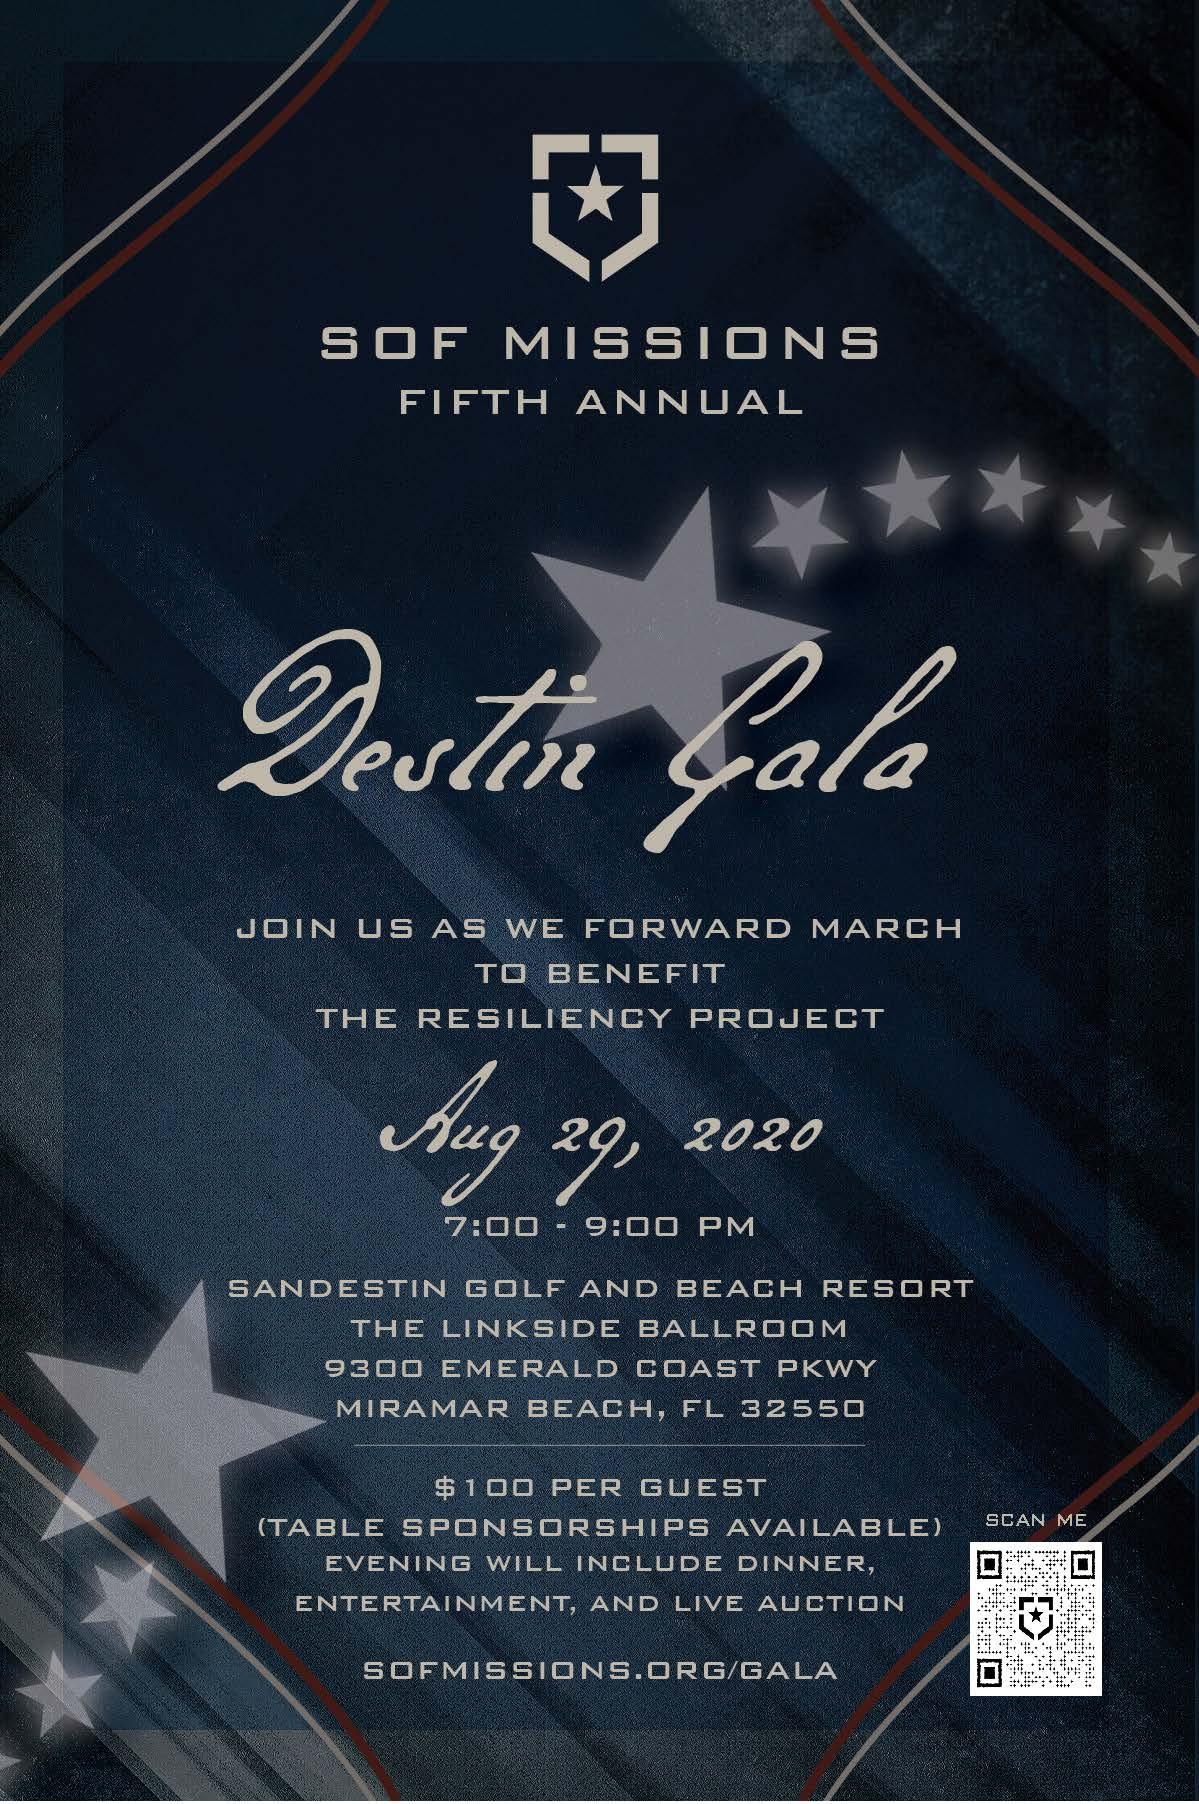 SOF Missions